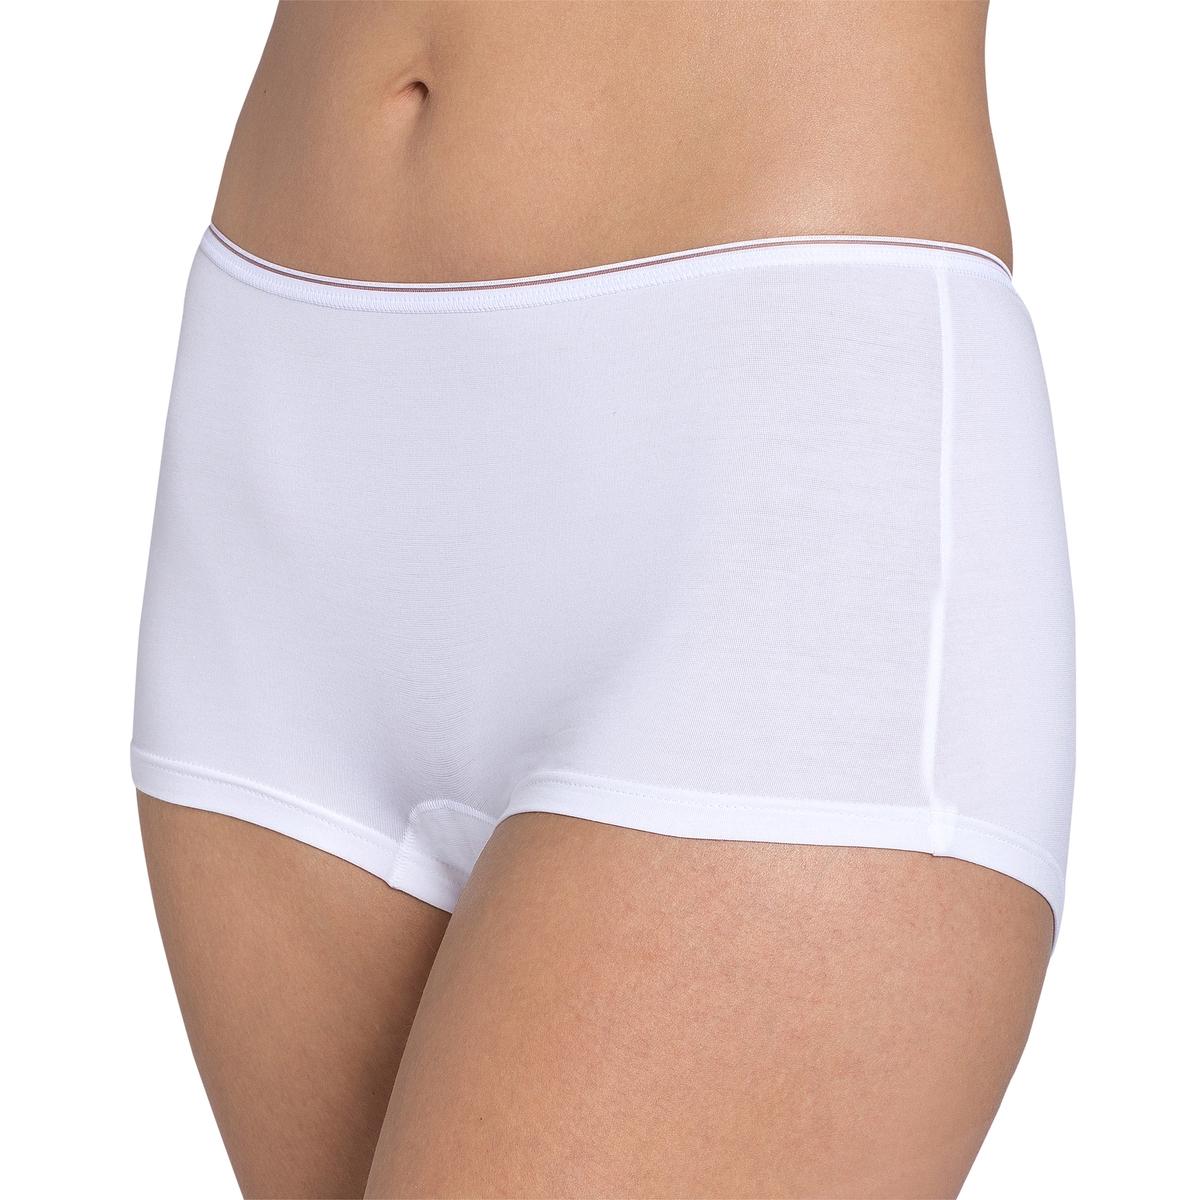 4 трусов-боксеров Feel SensationnalПростая форма, совершенный дизайн, идеальны при носке . Вы оцените их невероятную мягкость и прочность на протяжении многих стирок . Ажурная отделка пояса . Ластовица на подкладке из хлопка  .                                Состав и описание                        Материал      46% полиамида, 44% хлопка, 10% эластана                                                           Уход                        Машинная стирка при 30 °С в деликатном режиме, желательно в защитном чехле                        Стирать и гладить с изнаночной стороны, стирать с вещами схожих цветов<br><br>Цвет: белый,телесный,черный<br>Размер: 38 (FR) - 44 (RUS).46 (FR) - 52 (RUS).40 (FR) - 46 (RUS)